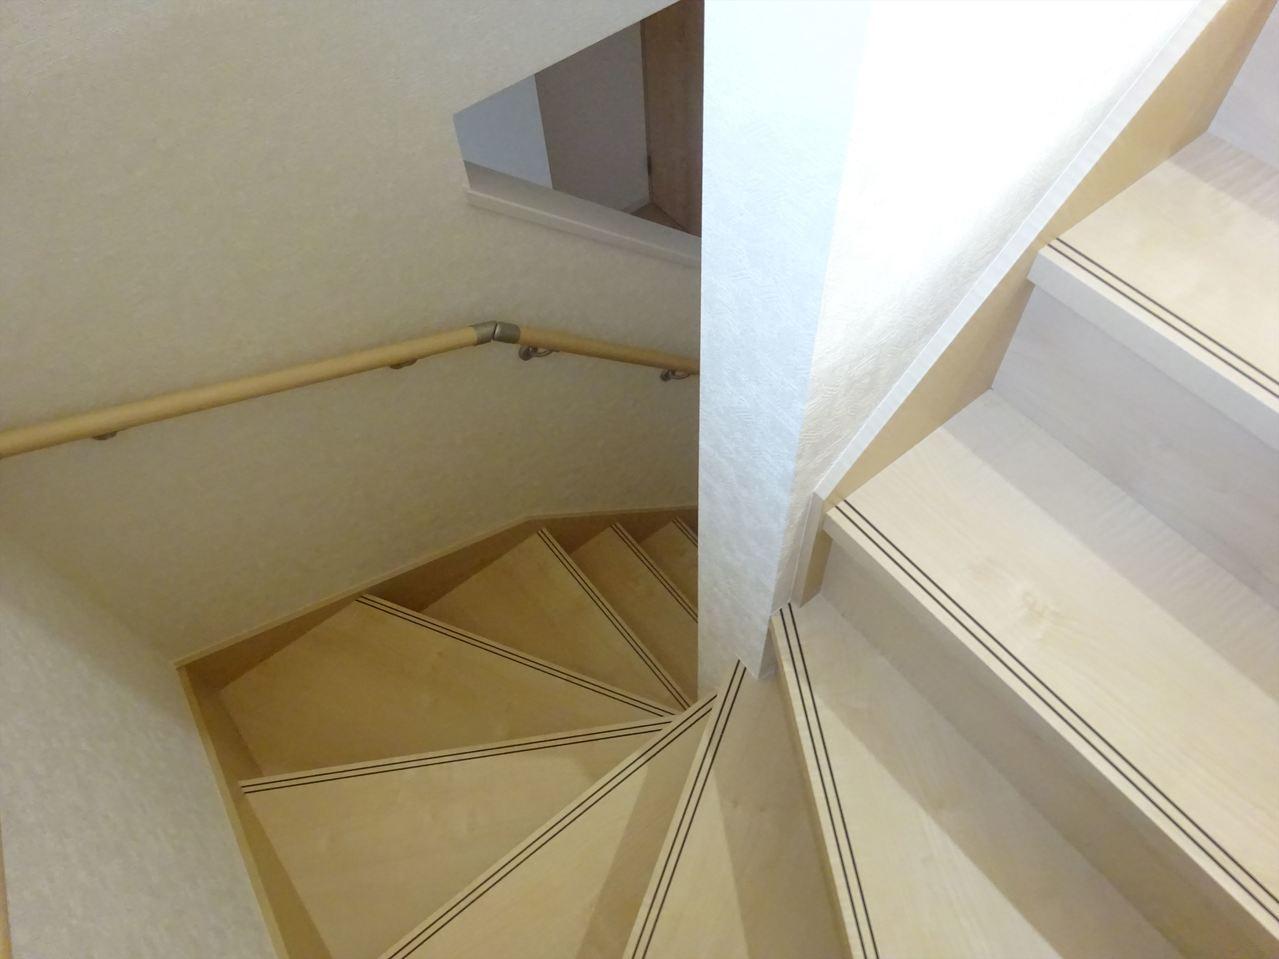 階段は手すりつきでお子様や年配の方でも安心!1階から食事を呼ぶ声が通りそうですね♪